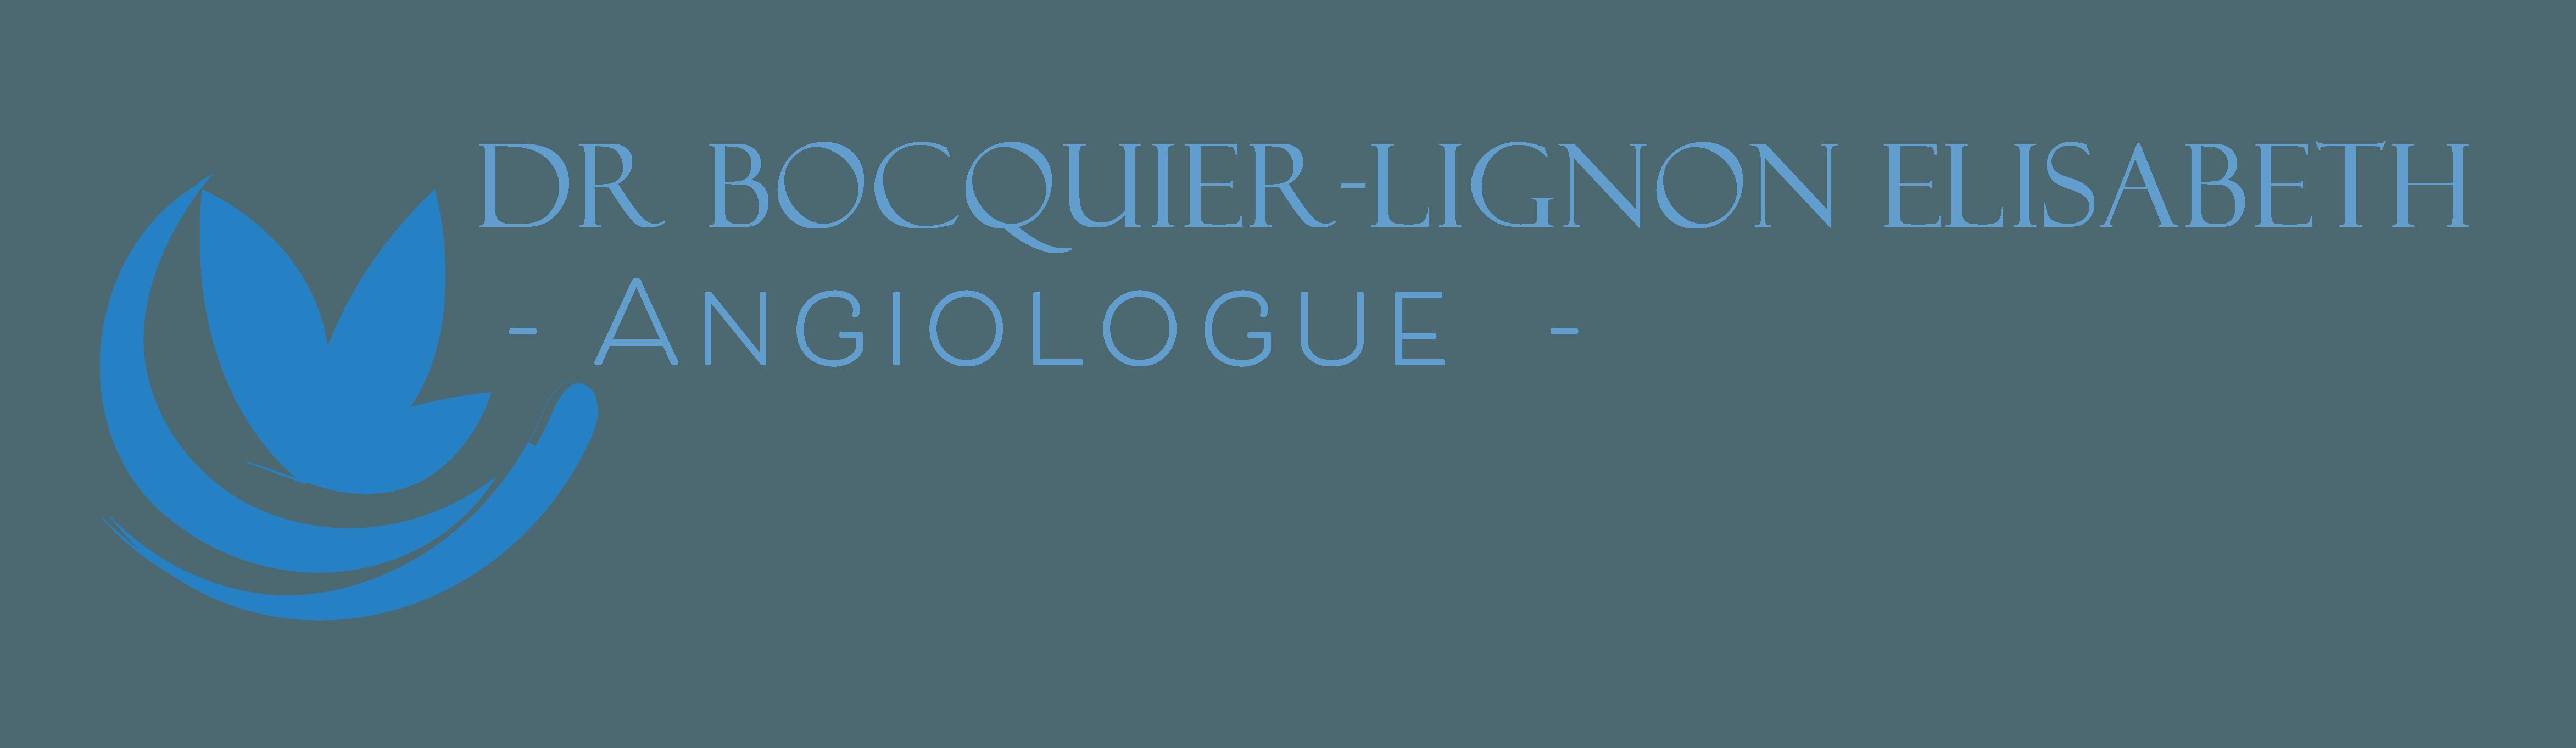 Dr Bocquier-Lignon Elisabeth